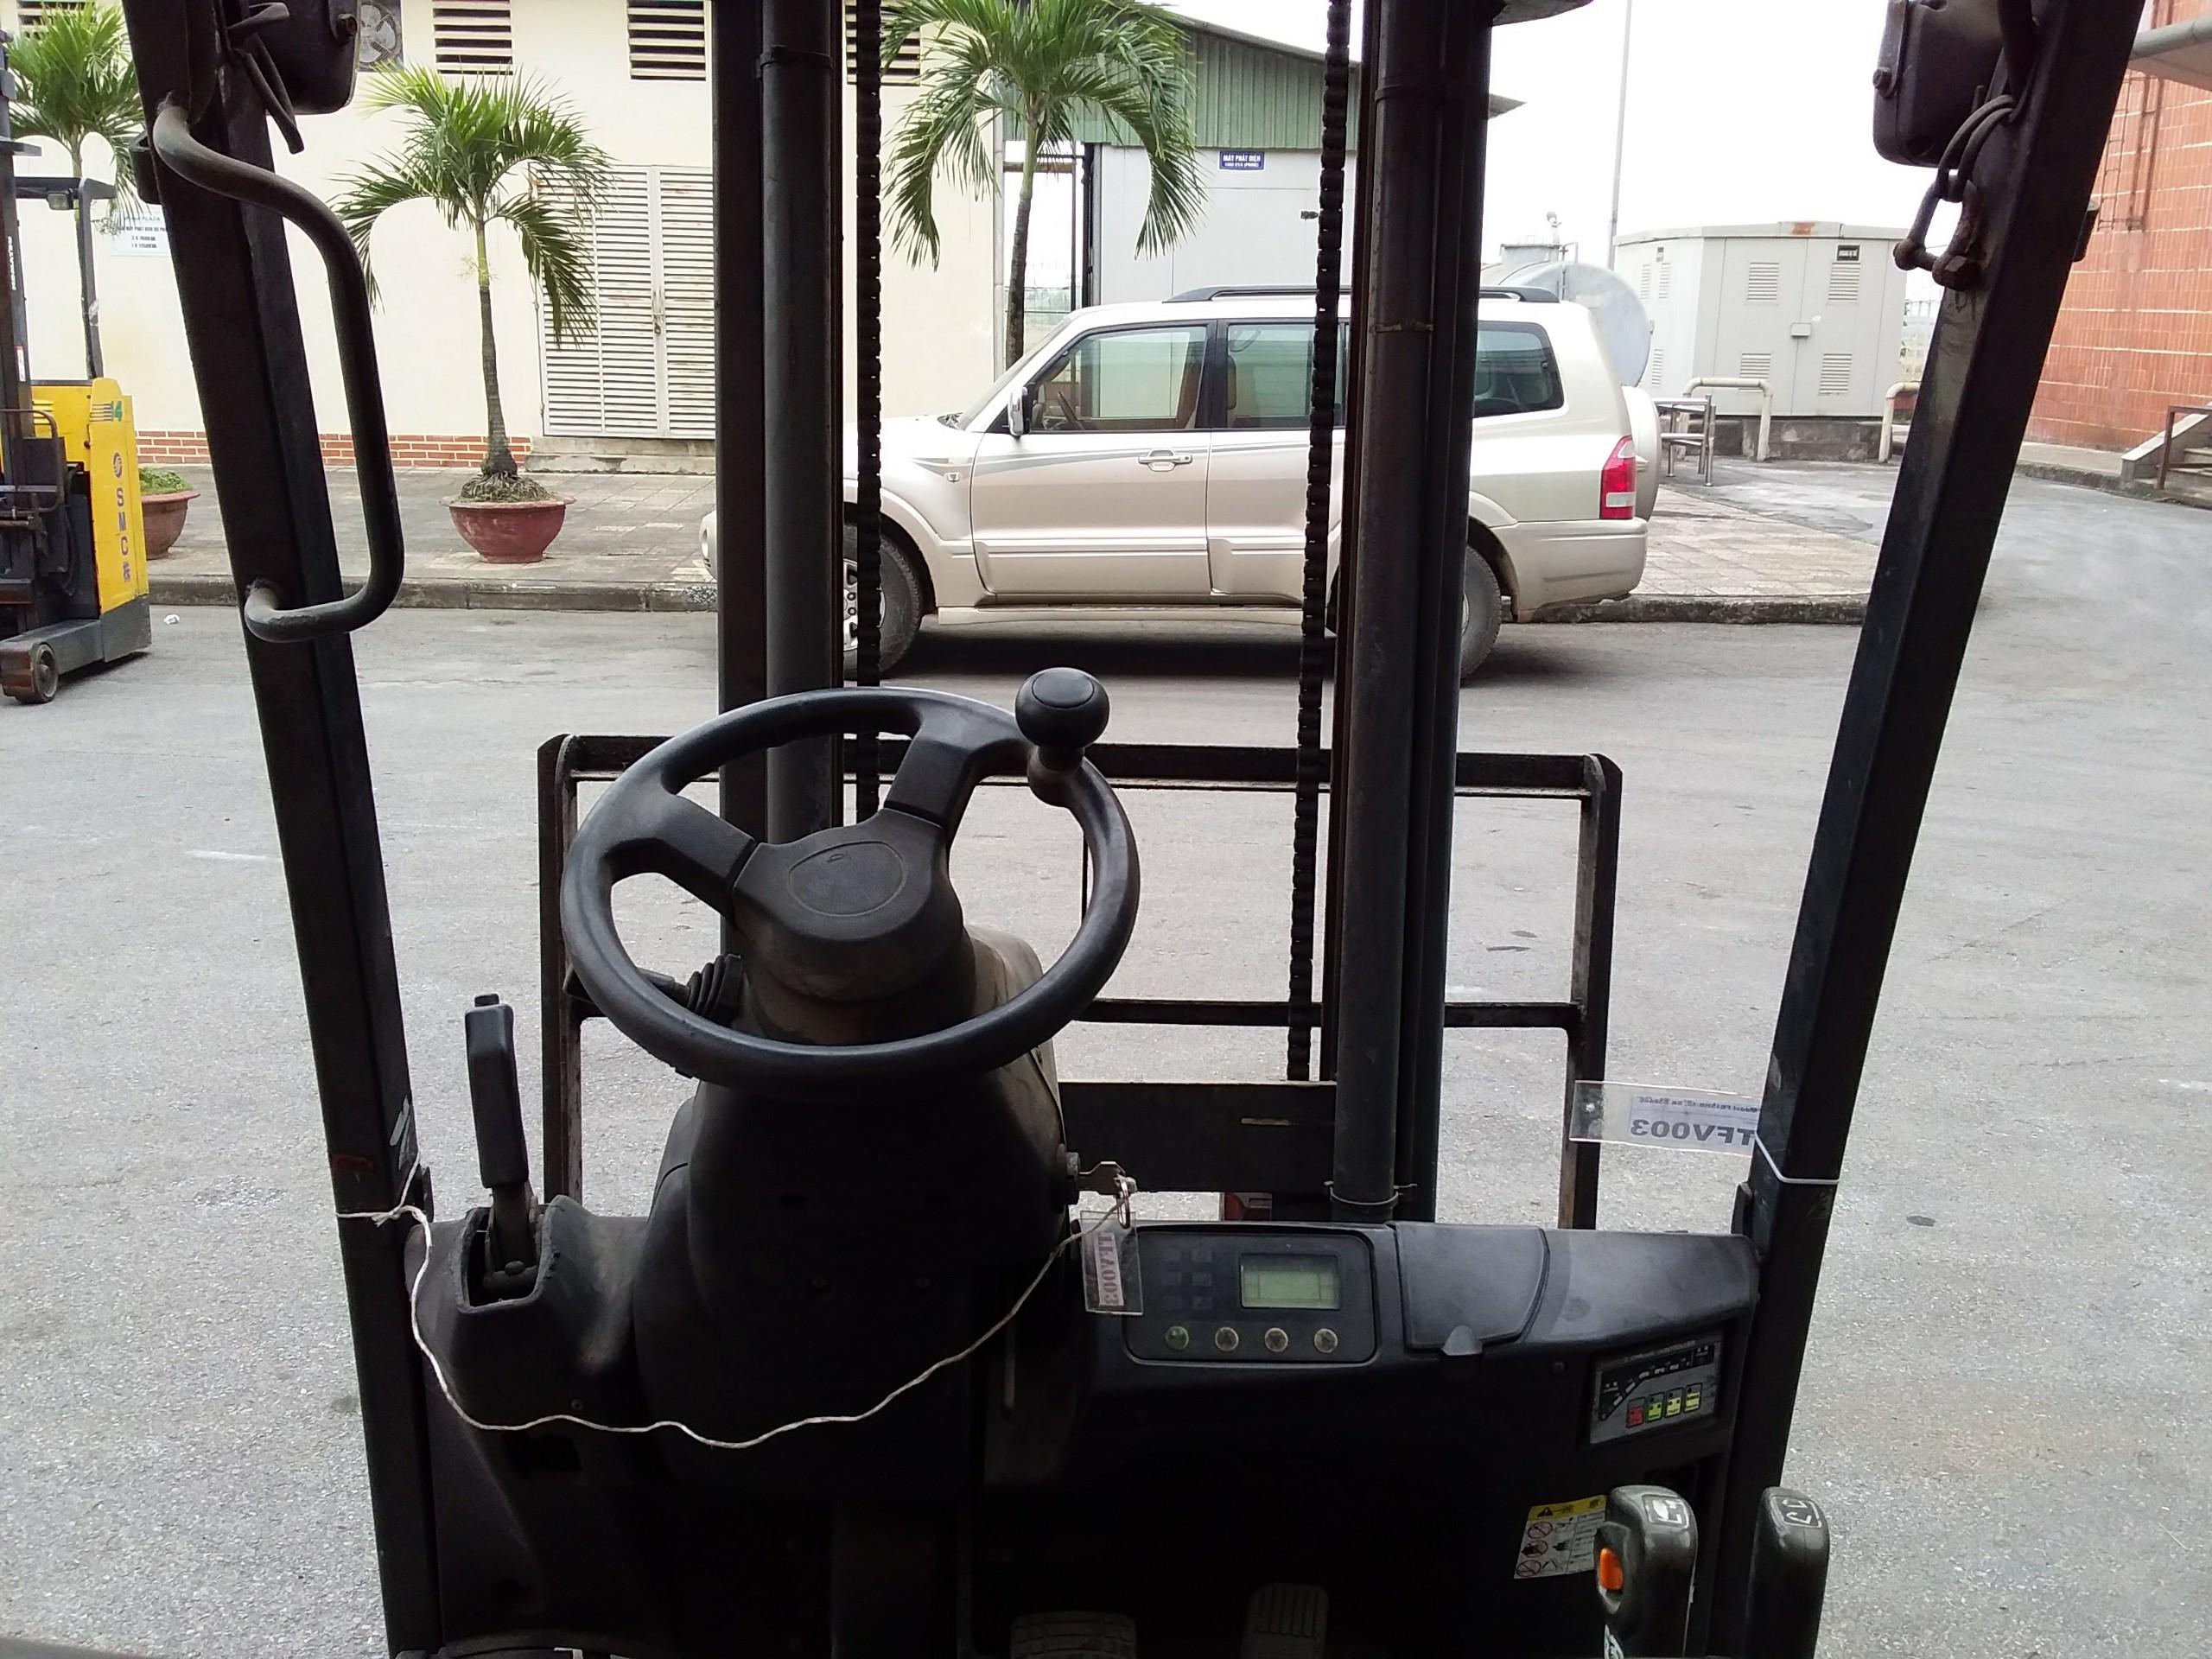 Xe nâng điện ngồi lái Komatsu, 1.5t,v3000, 2010, model FB15HB-12, số Khung 838446, sẵn hàng tại TFV